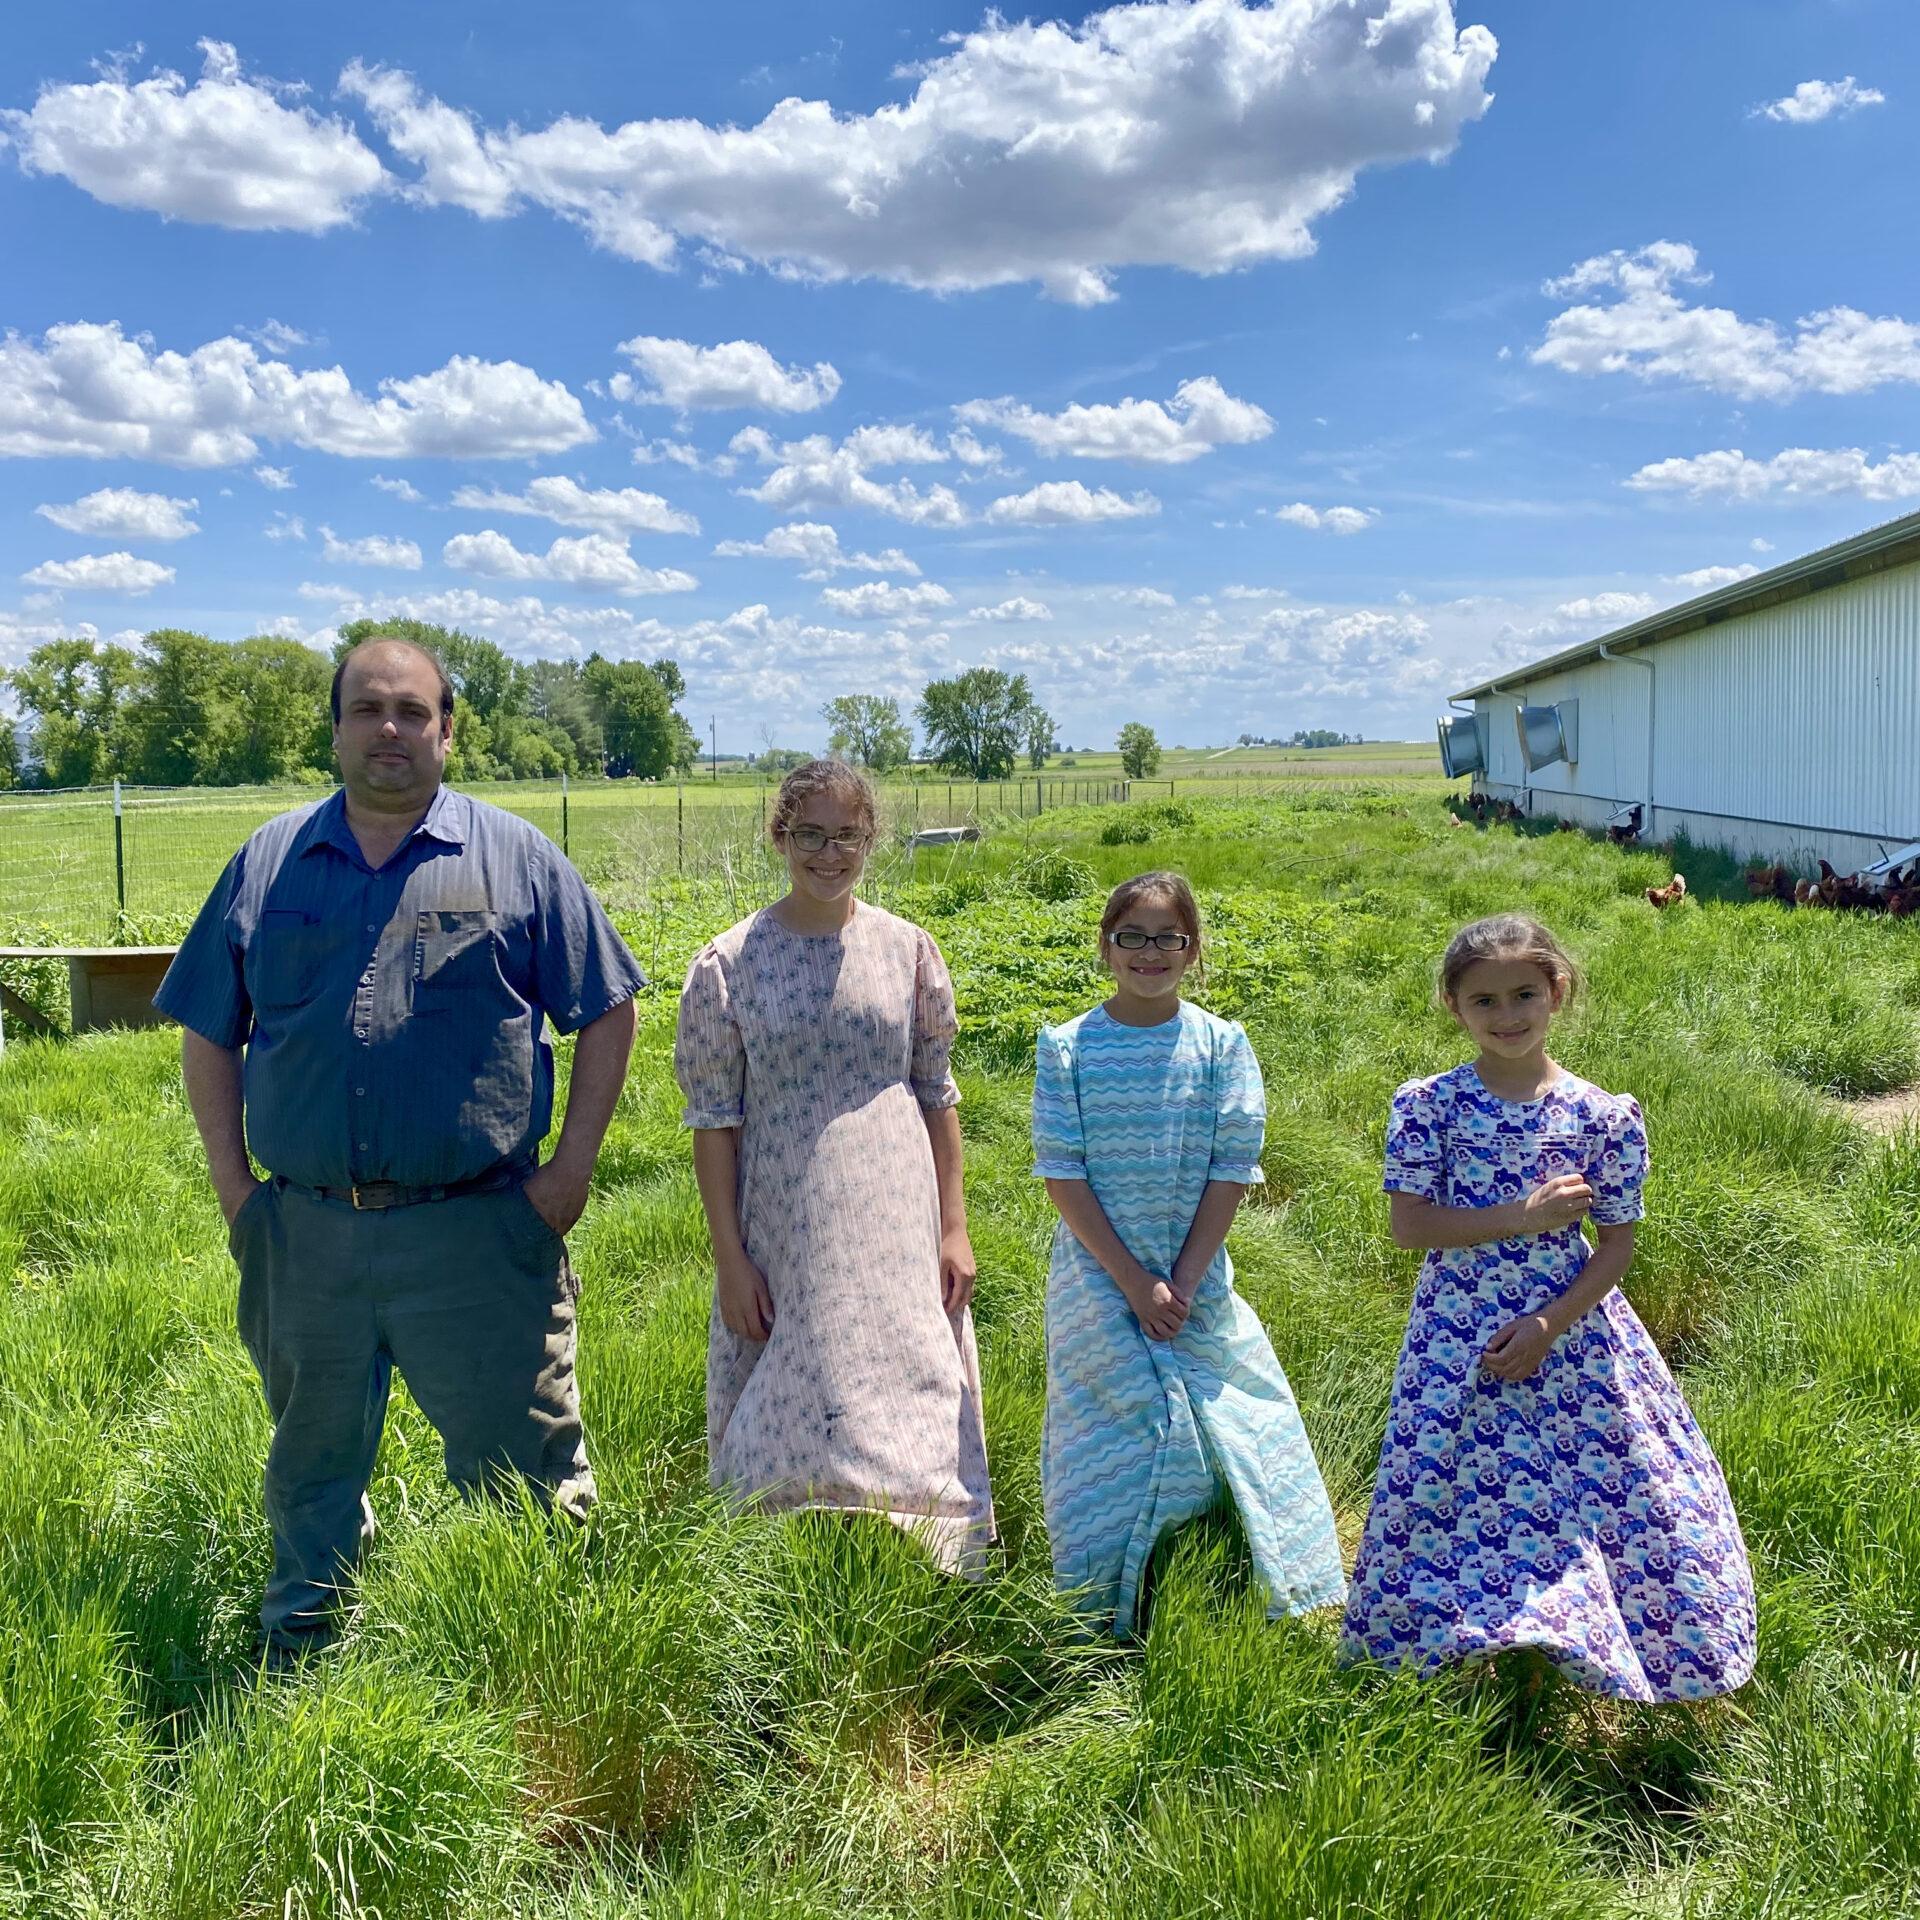 Free Range Farm family